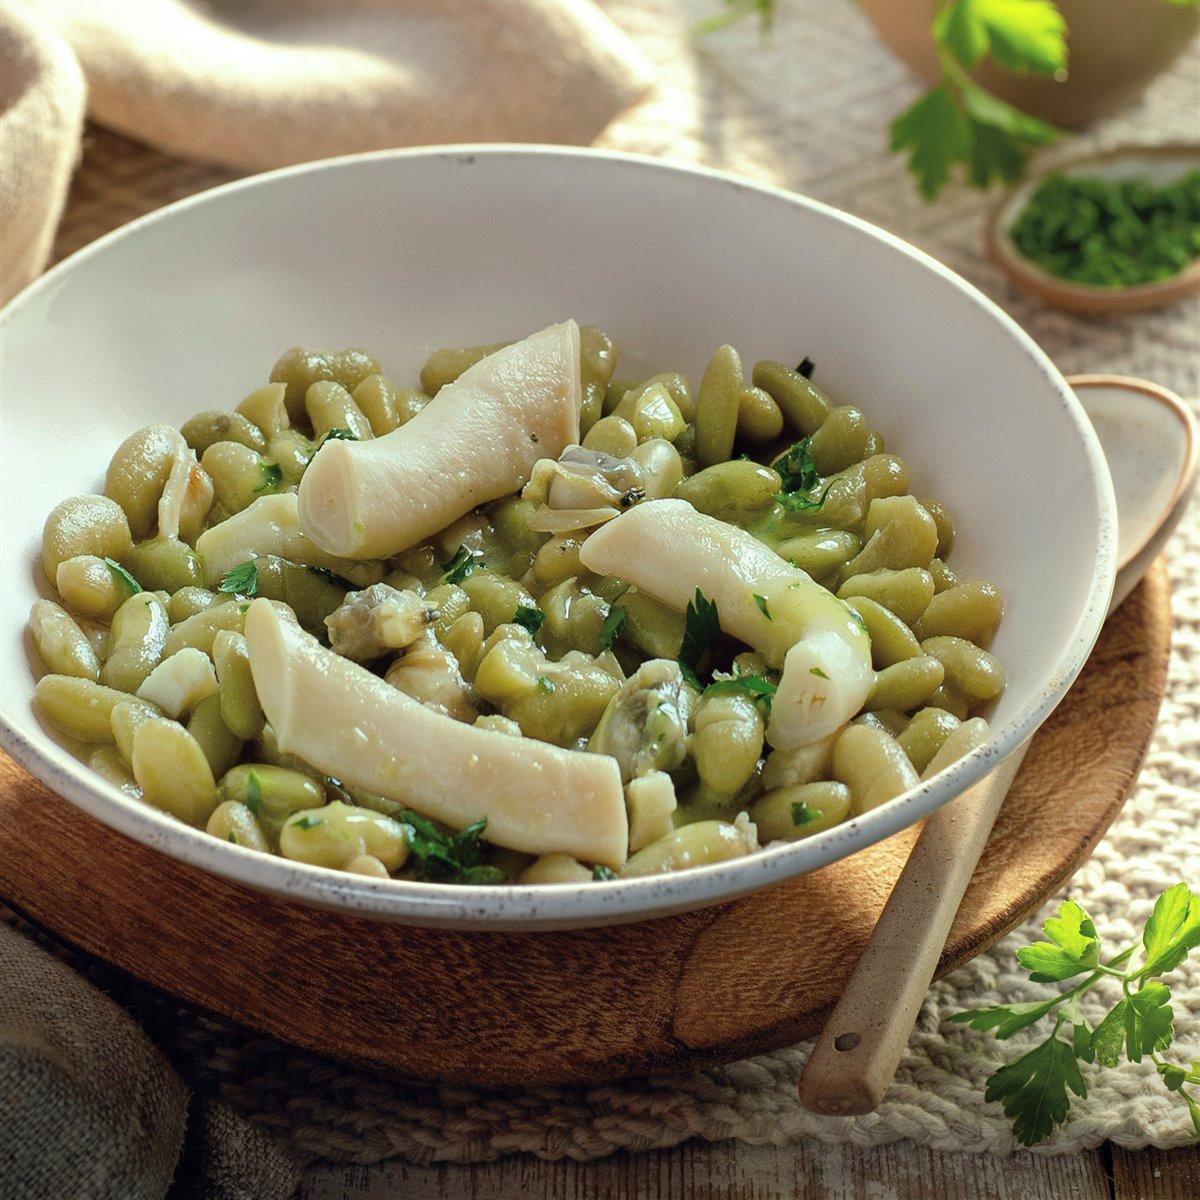 verdinas_en_salsa_verde_con_almejas_y_navajas_de_el_faro_de_cadiz_del_chef_mario_jimenez